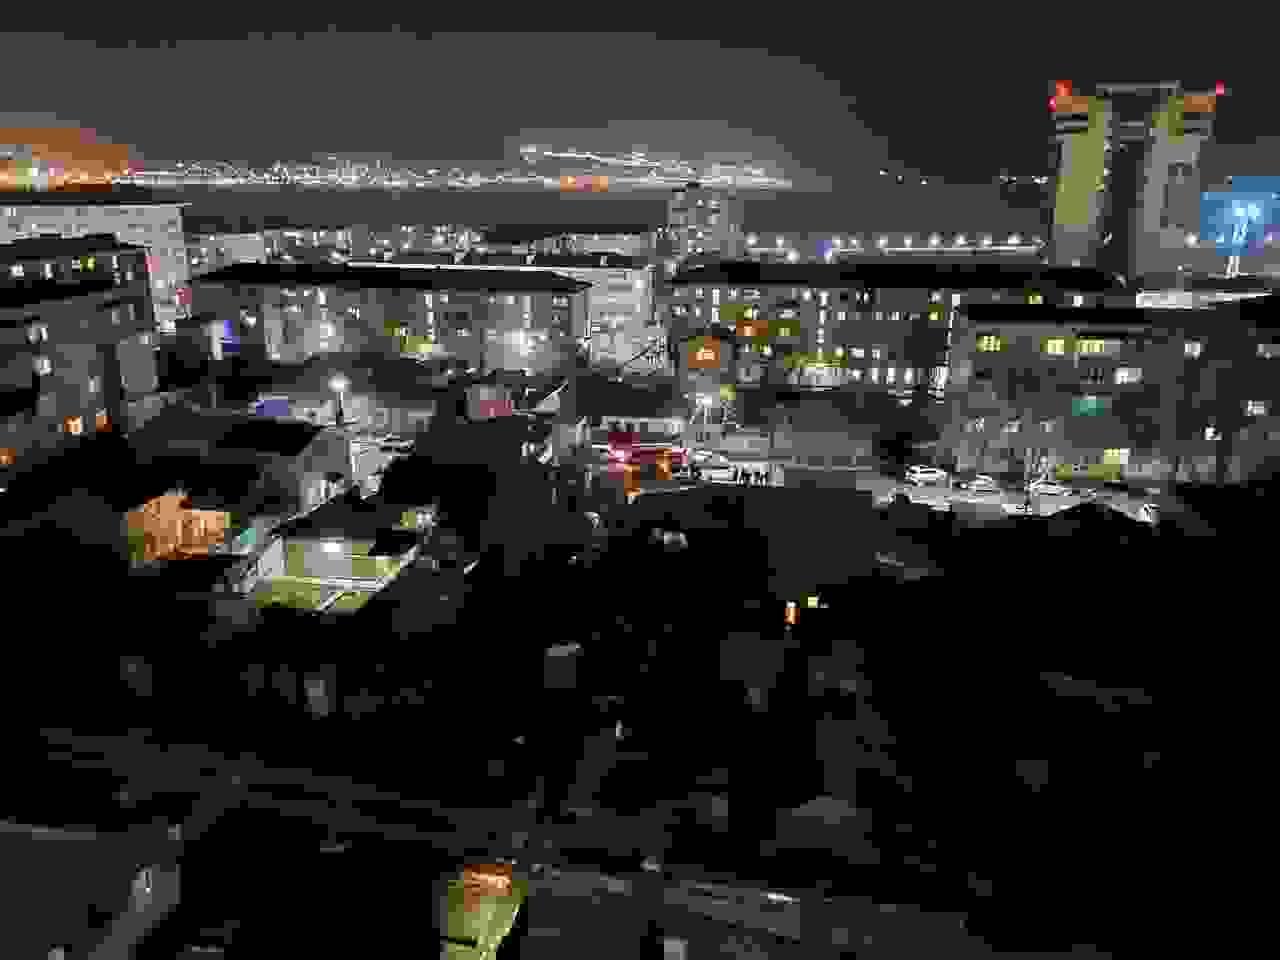 Два пожара водин день: вНовороссийске пострадали частные дома